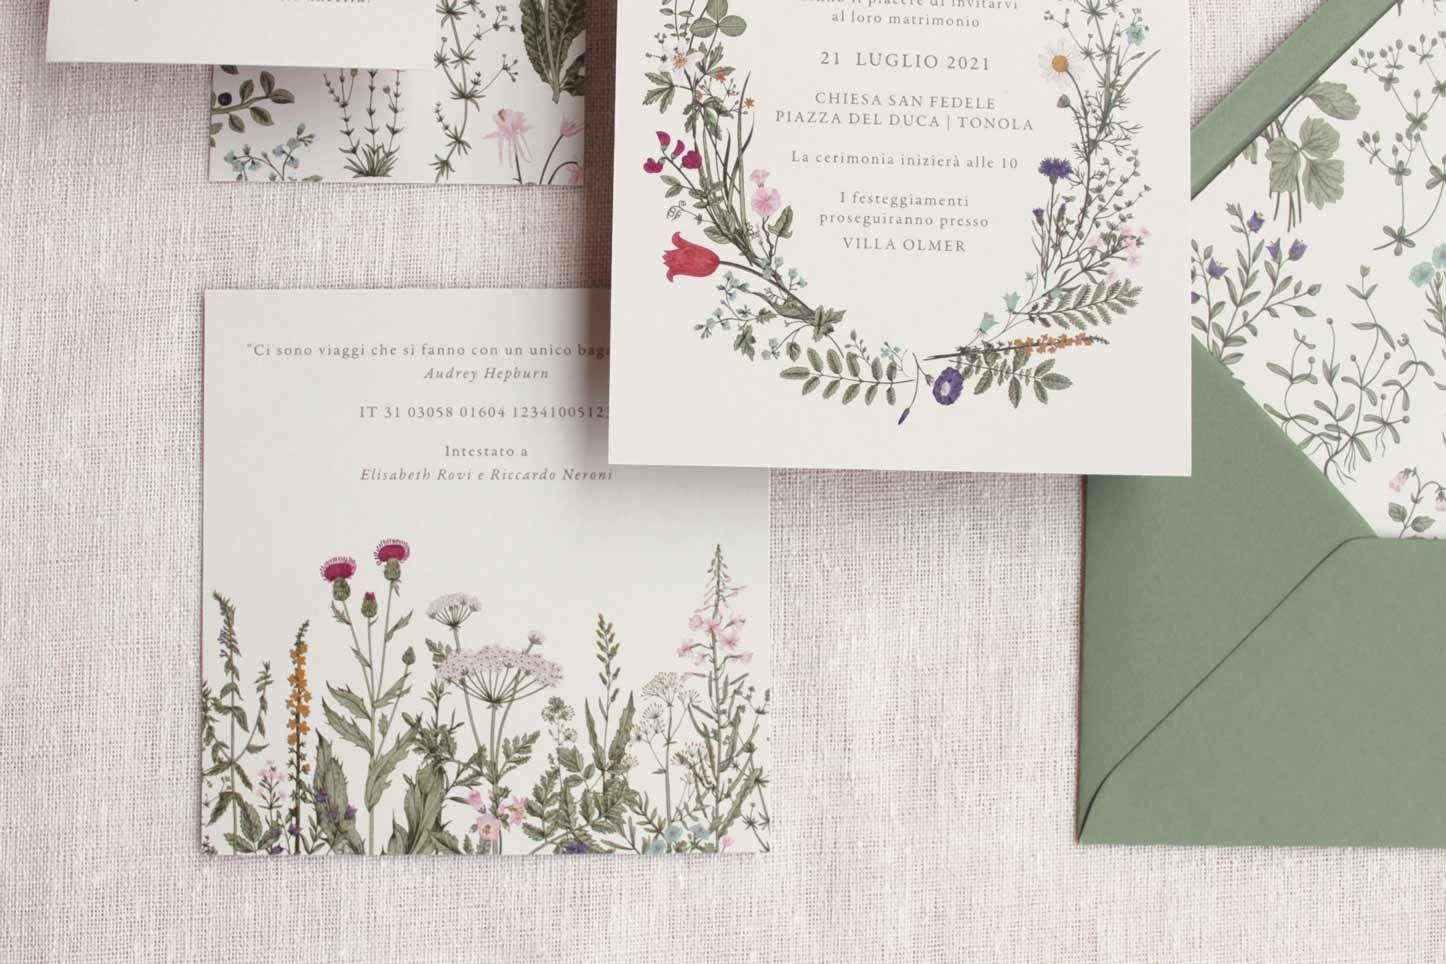 Partecipazioni Naturali Tema Fiori Busta Verde Inviti Floreali Inviti Di Matrimonio E Nozze Nel 2020 Invito Floreale Matrimonio Con Fiori Inviti Di Nozze